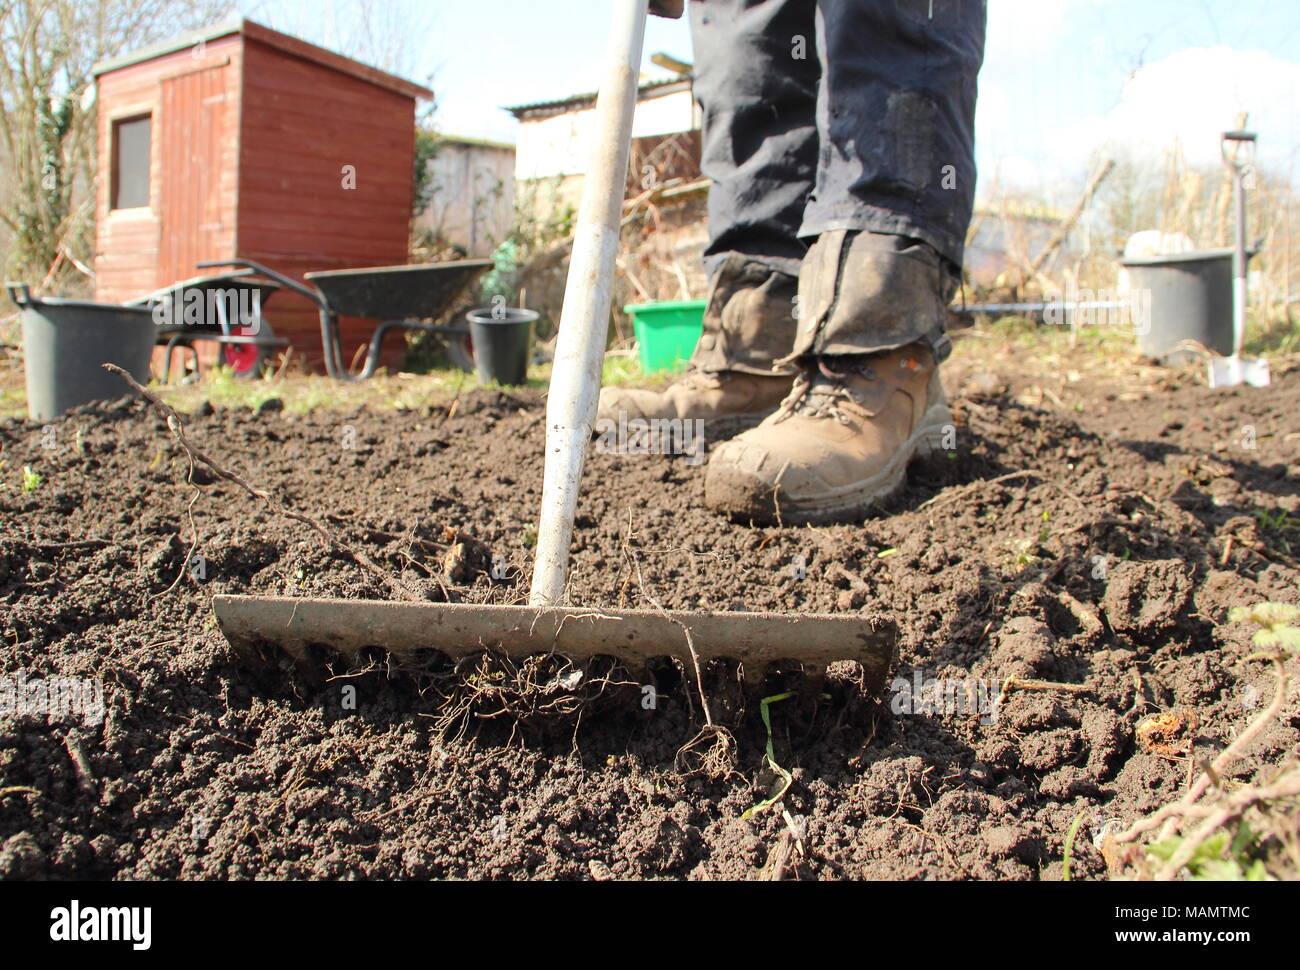 Gärtner verwendet - Kopf Rake bis Boden zu brechen und das Unkraut in einem gemüsebeet vor der Anpflanzung entfernen, Frühjahr, Großbritannien Stockbild